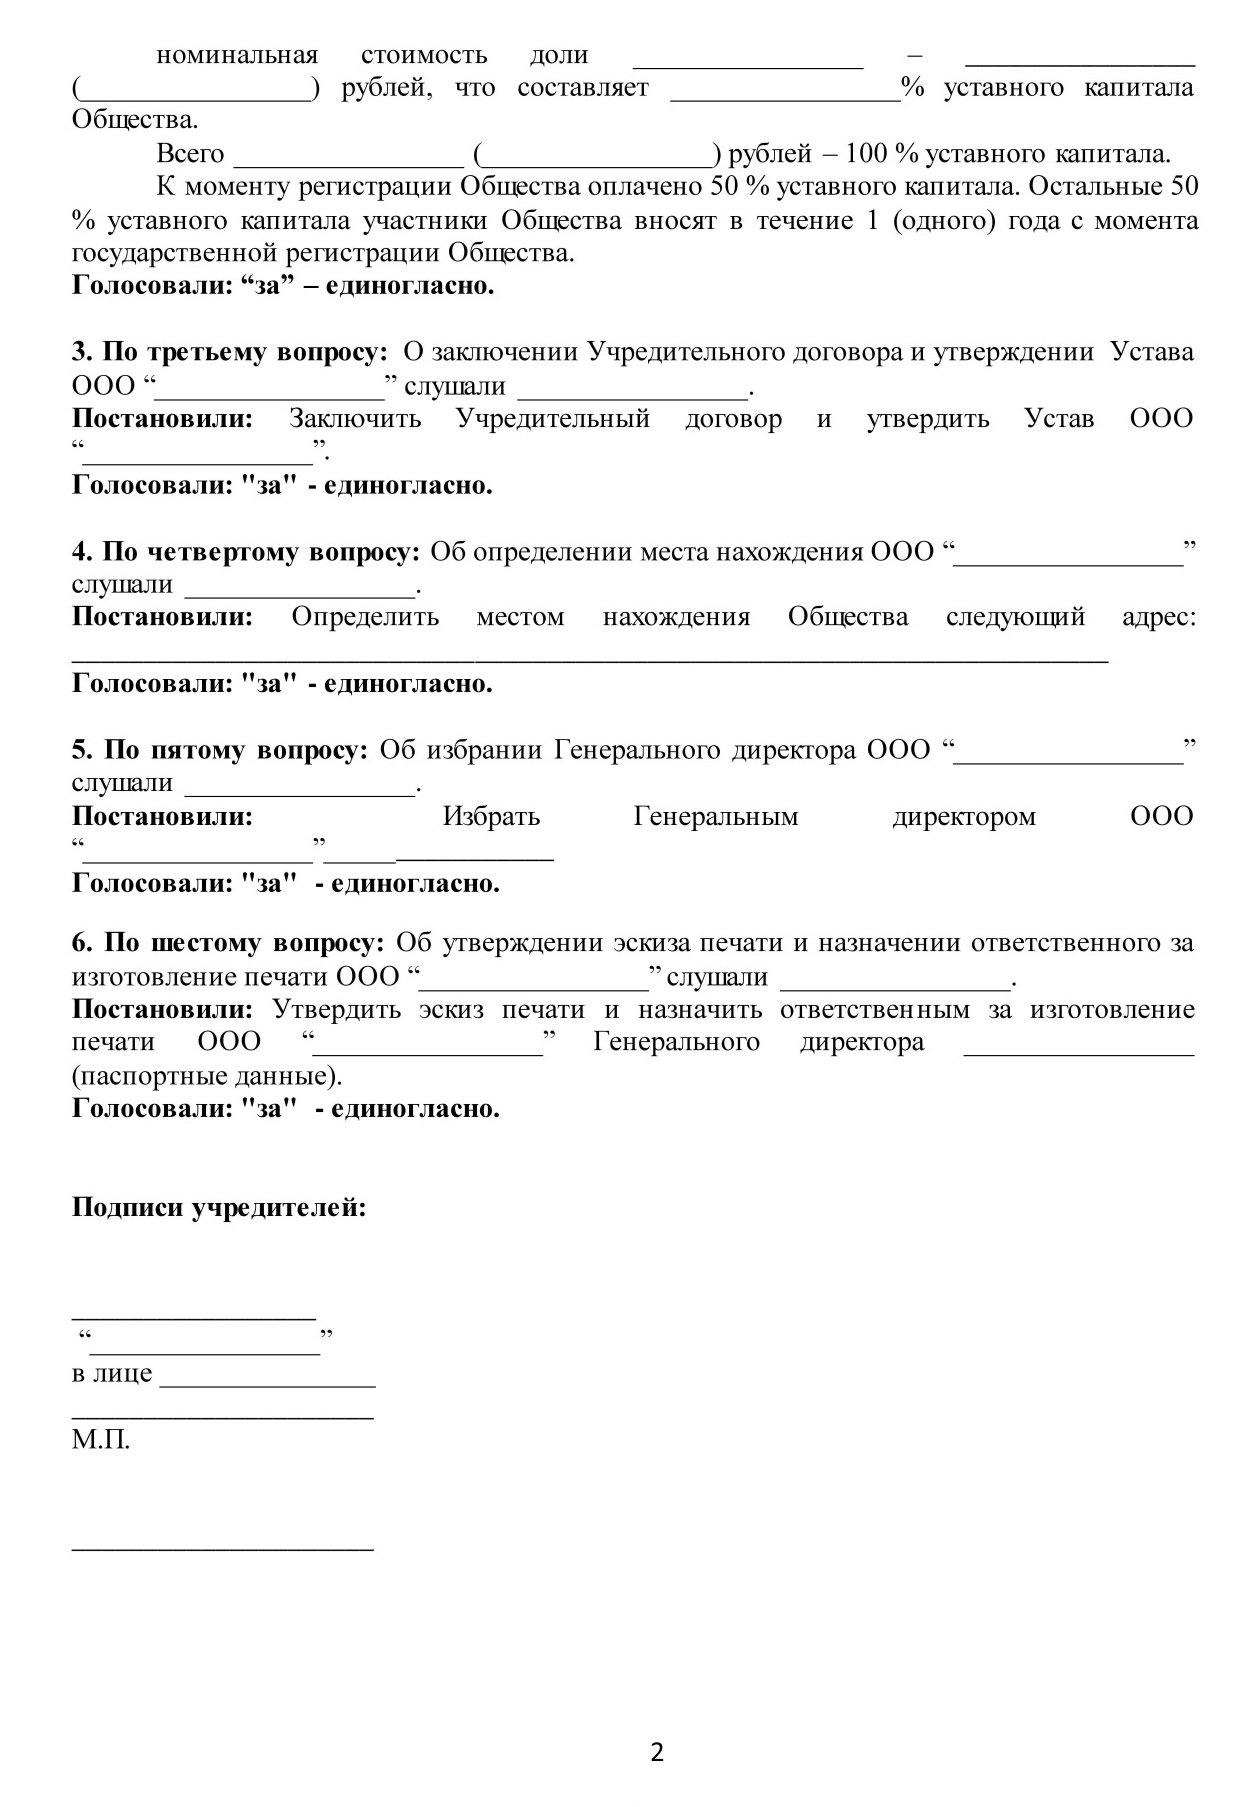 согласие собственника на регистрацию ооо по месту жительства учредителя